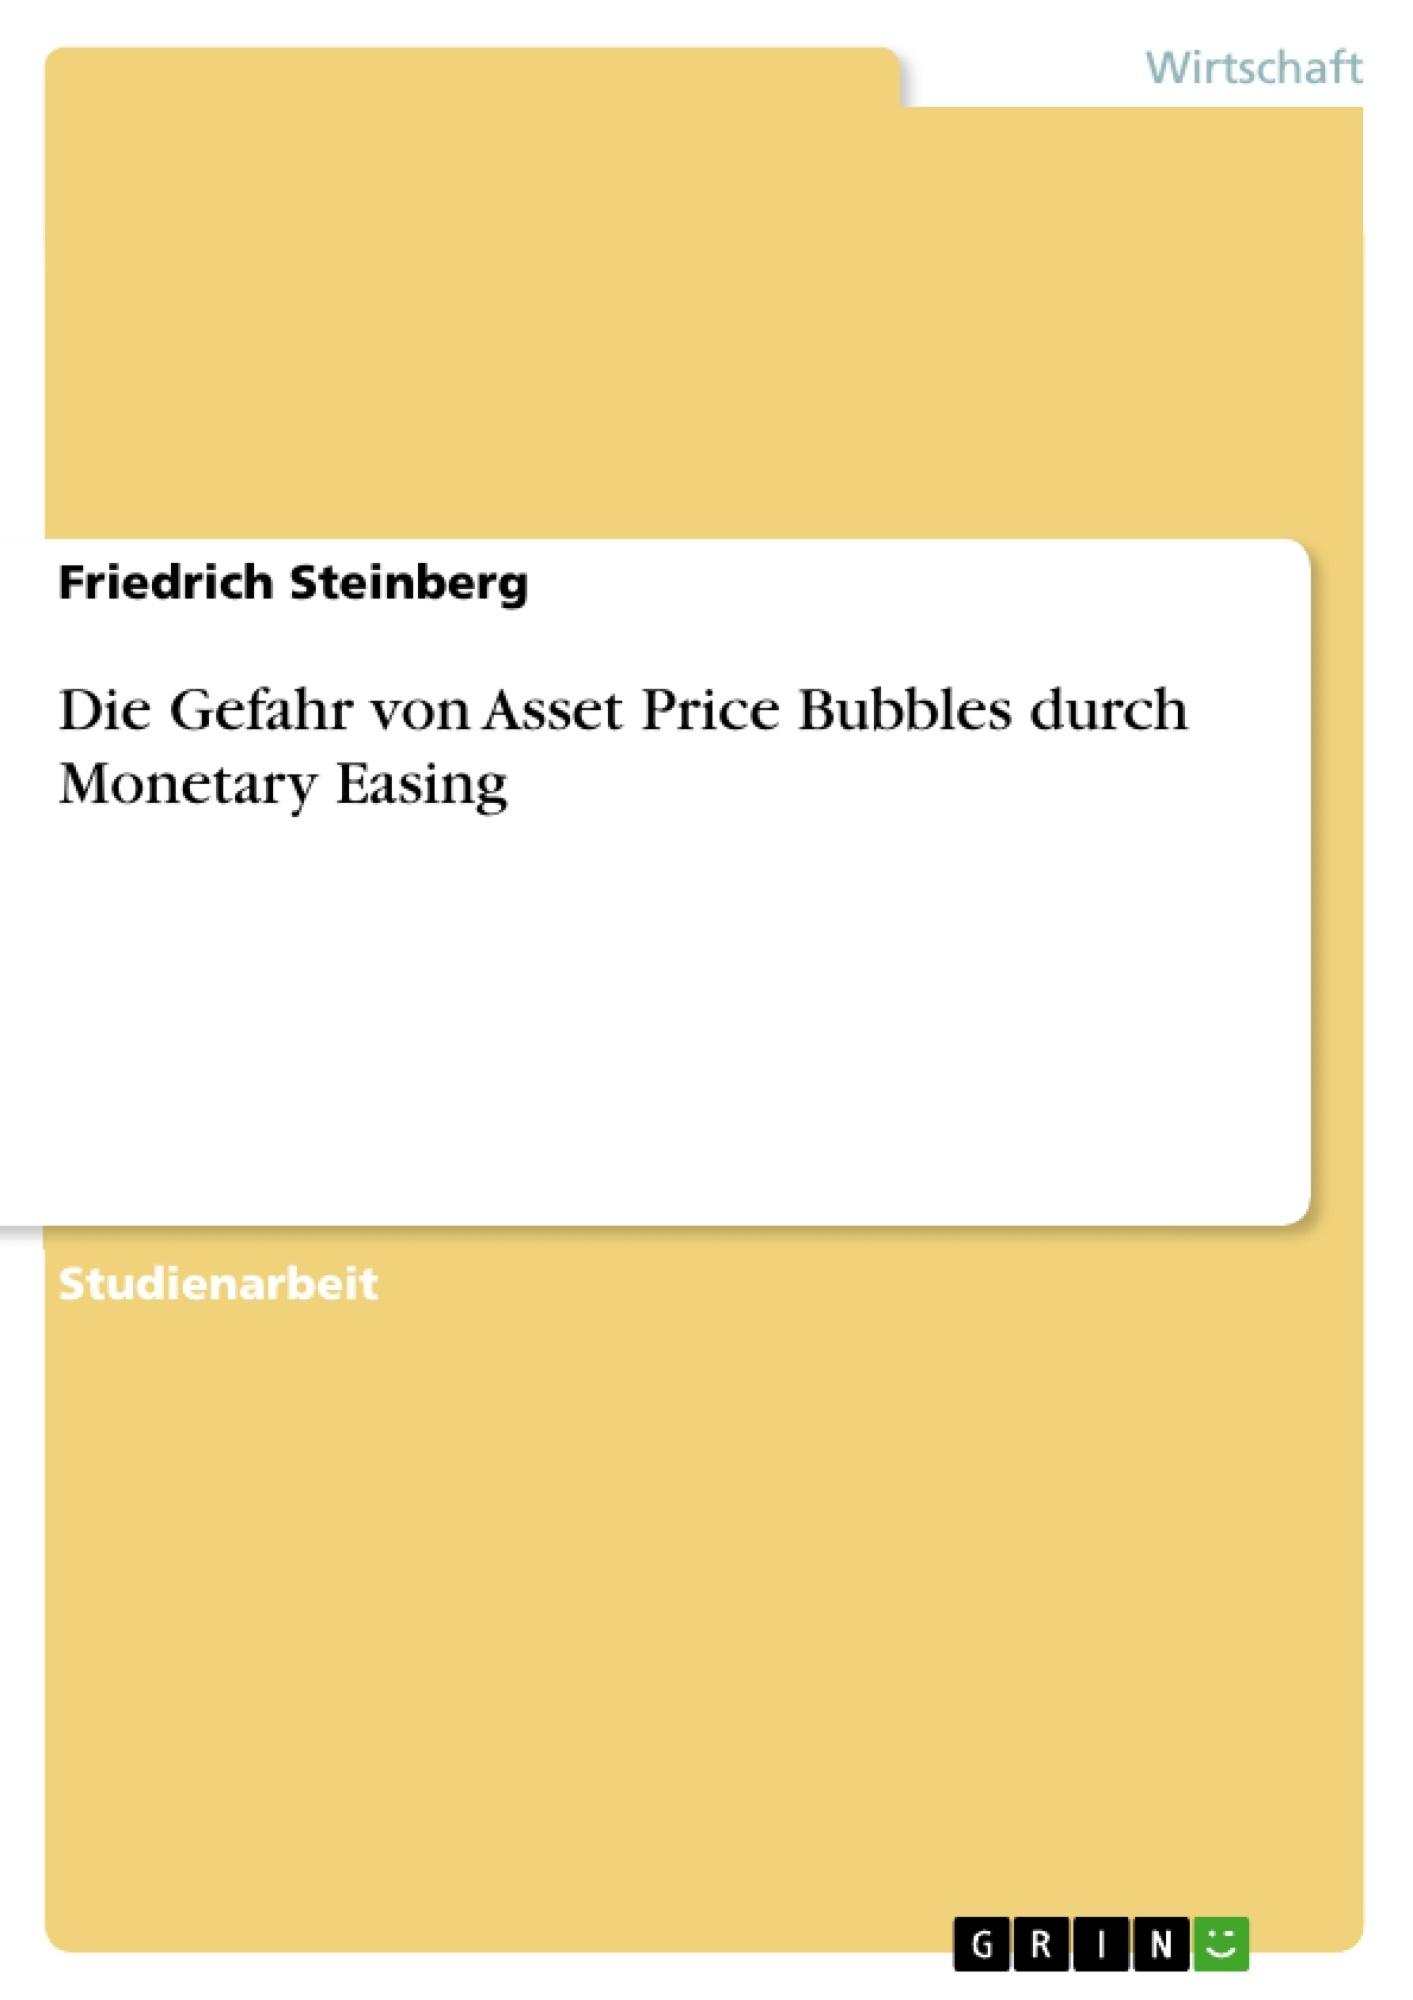 Titel: Die Gefahr von Asset Price Bubbles durch Monetary Easing